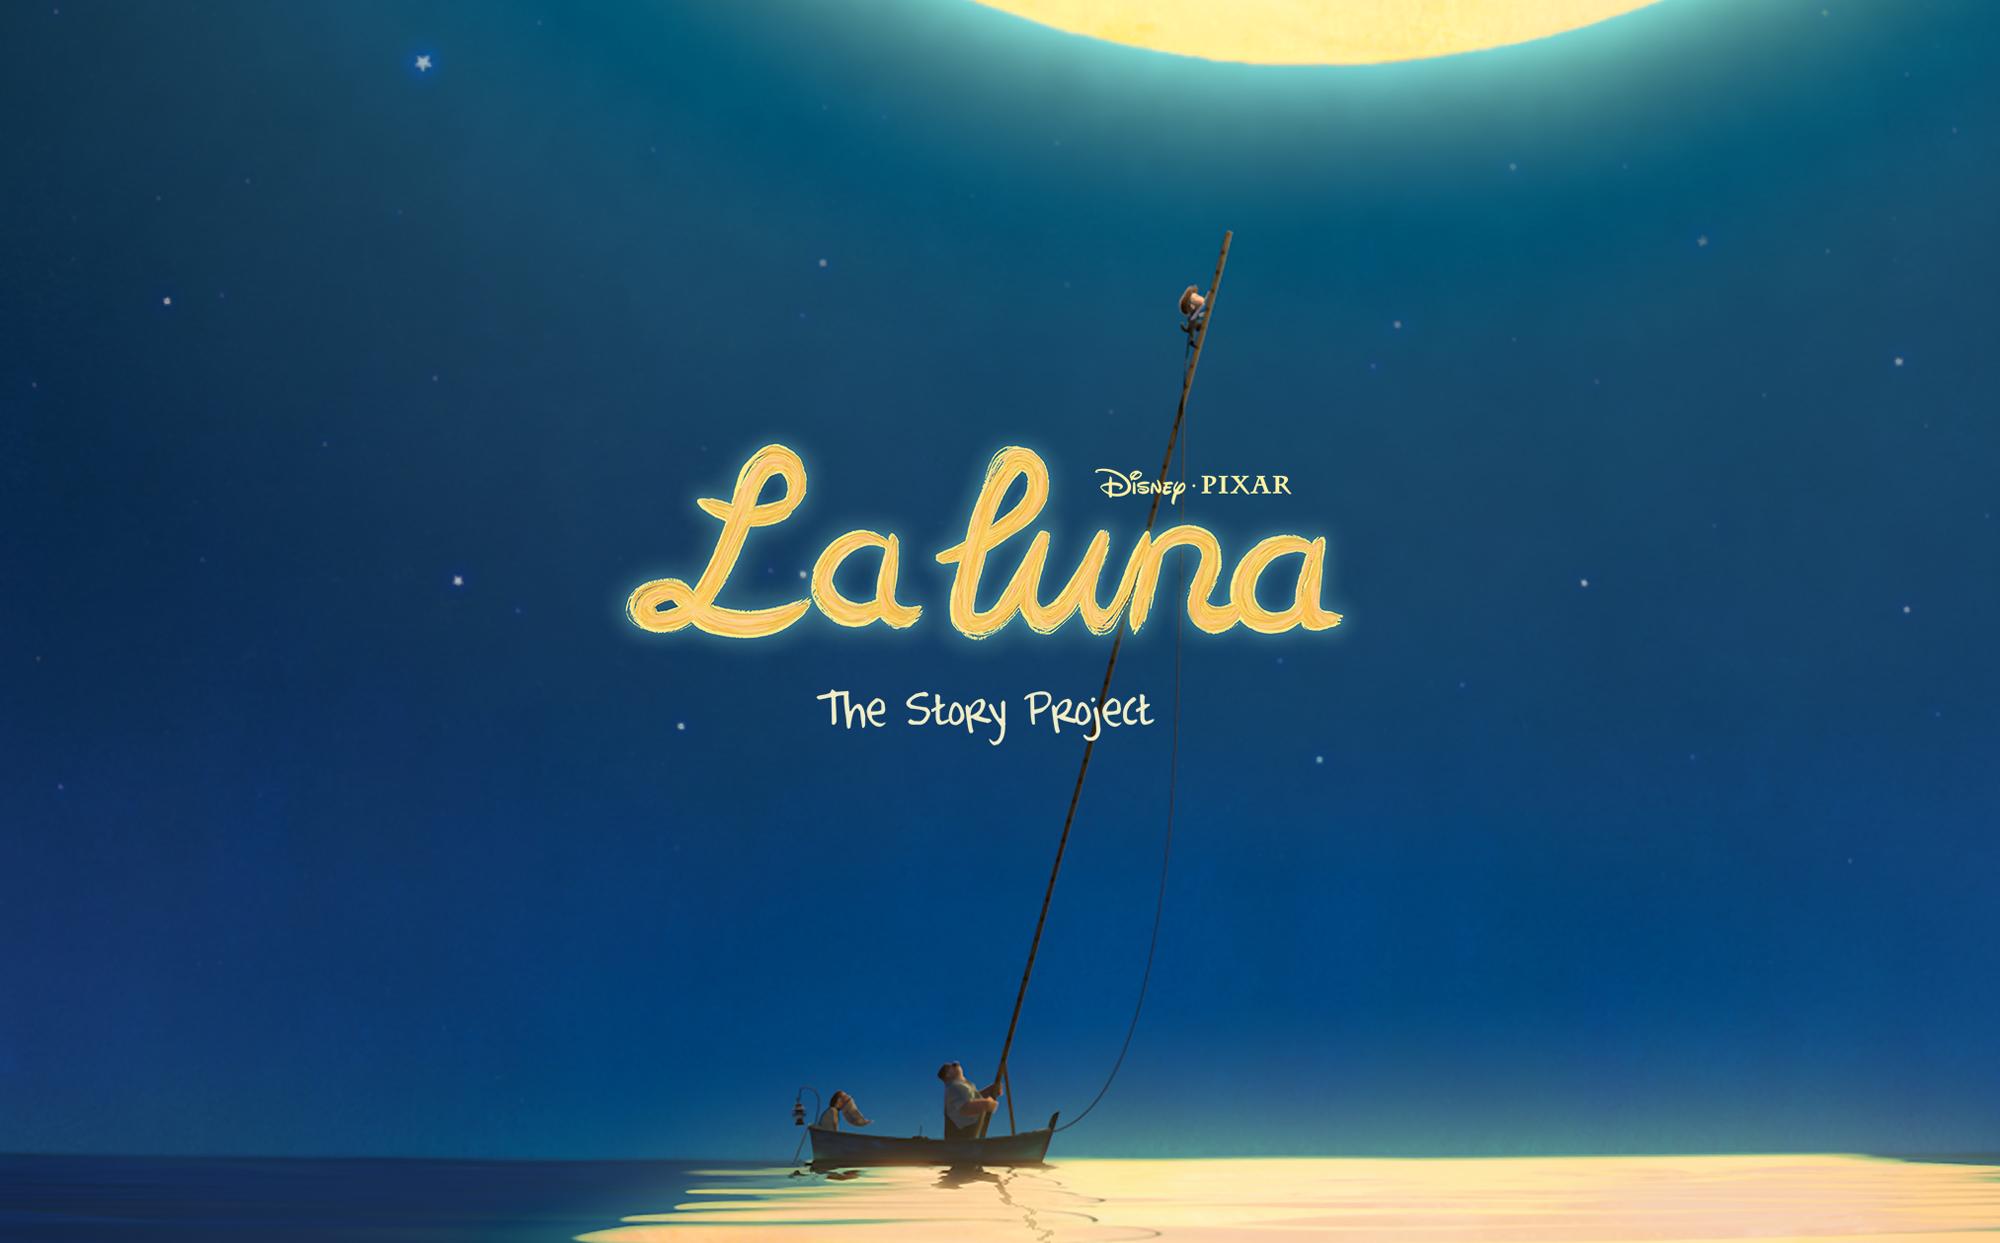 LaLuna_1